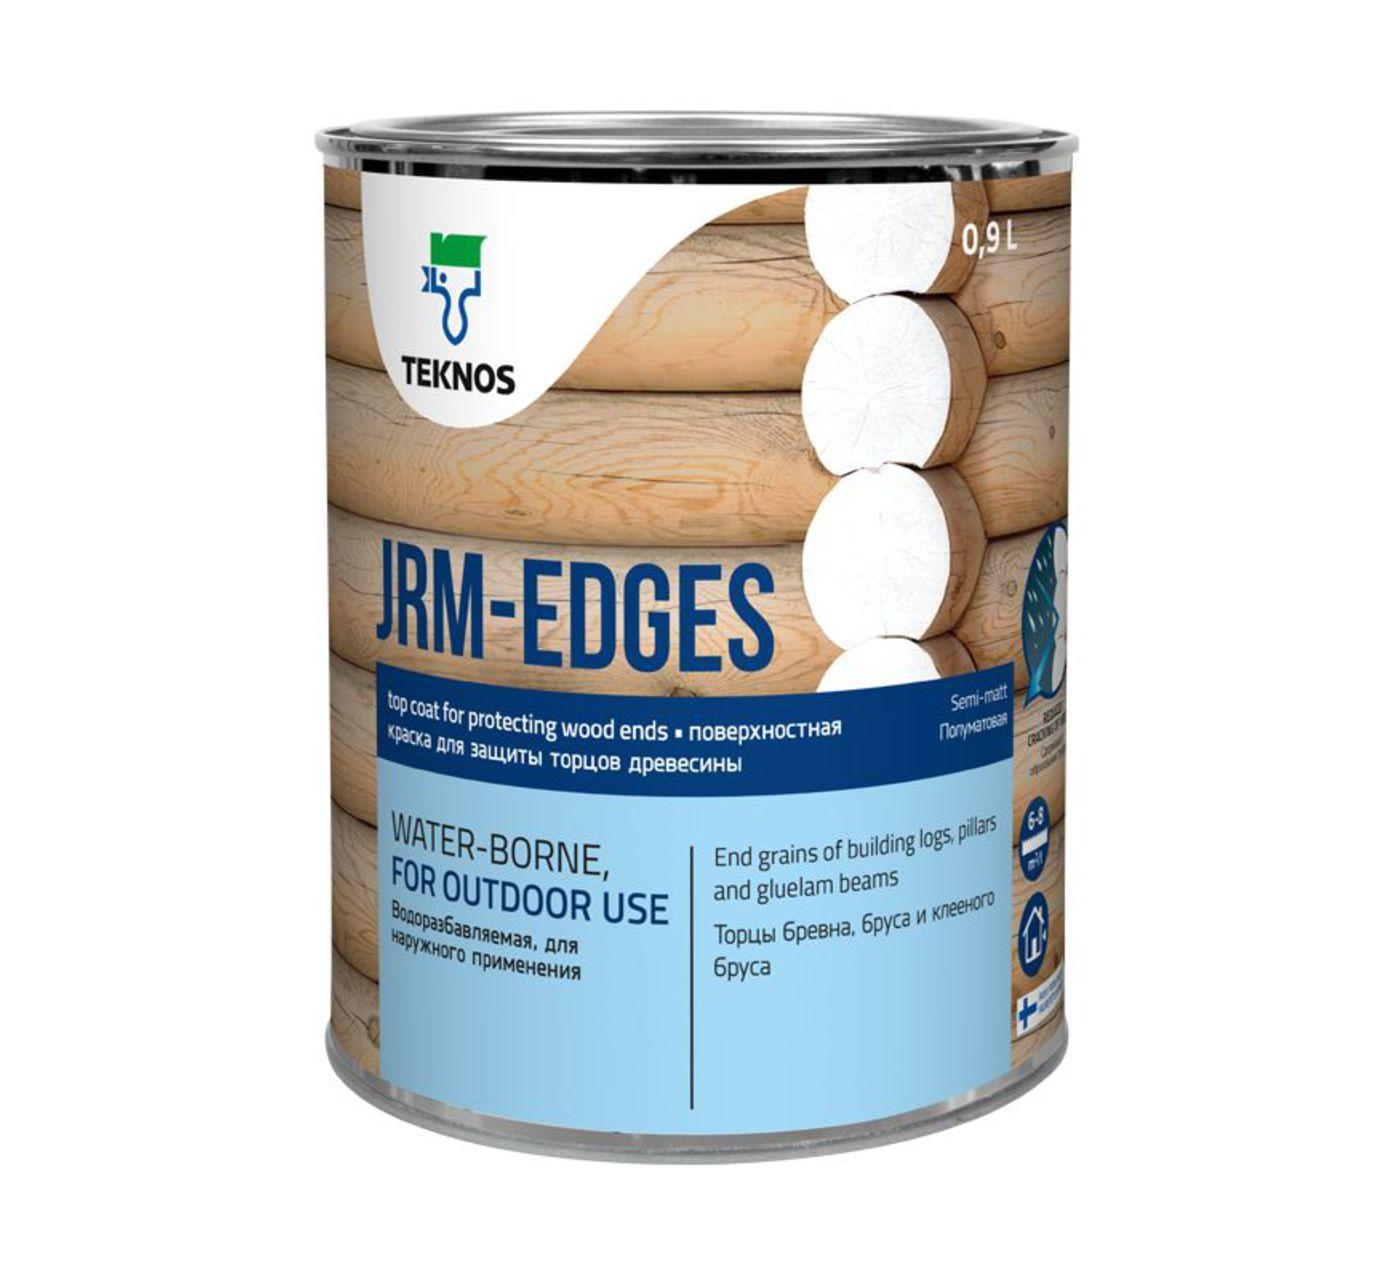 JRM-EDGES краска для защиты торцов древесины